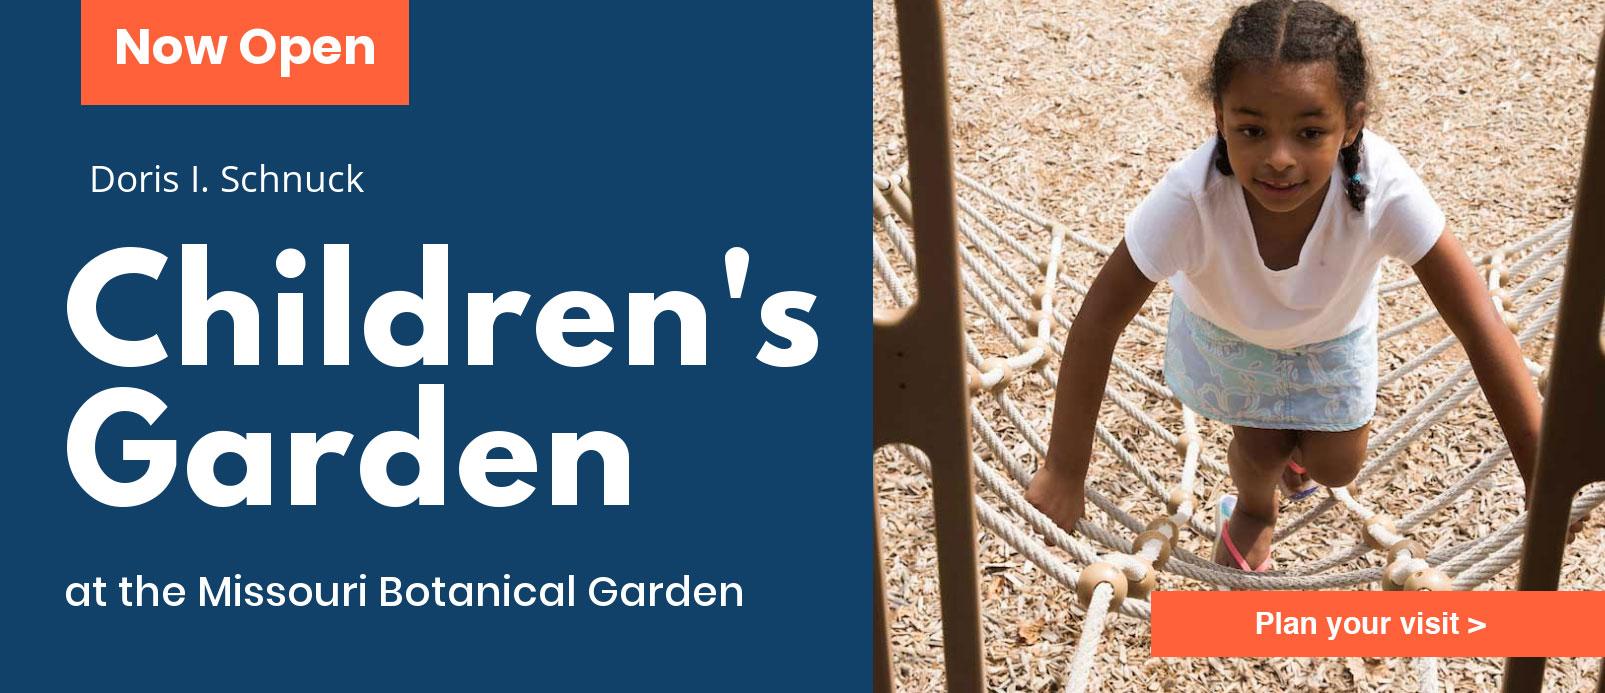 Children's Garden banner